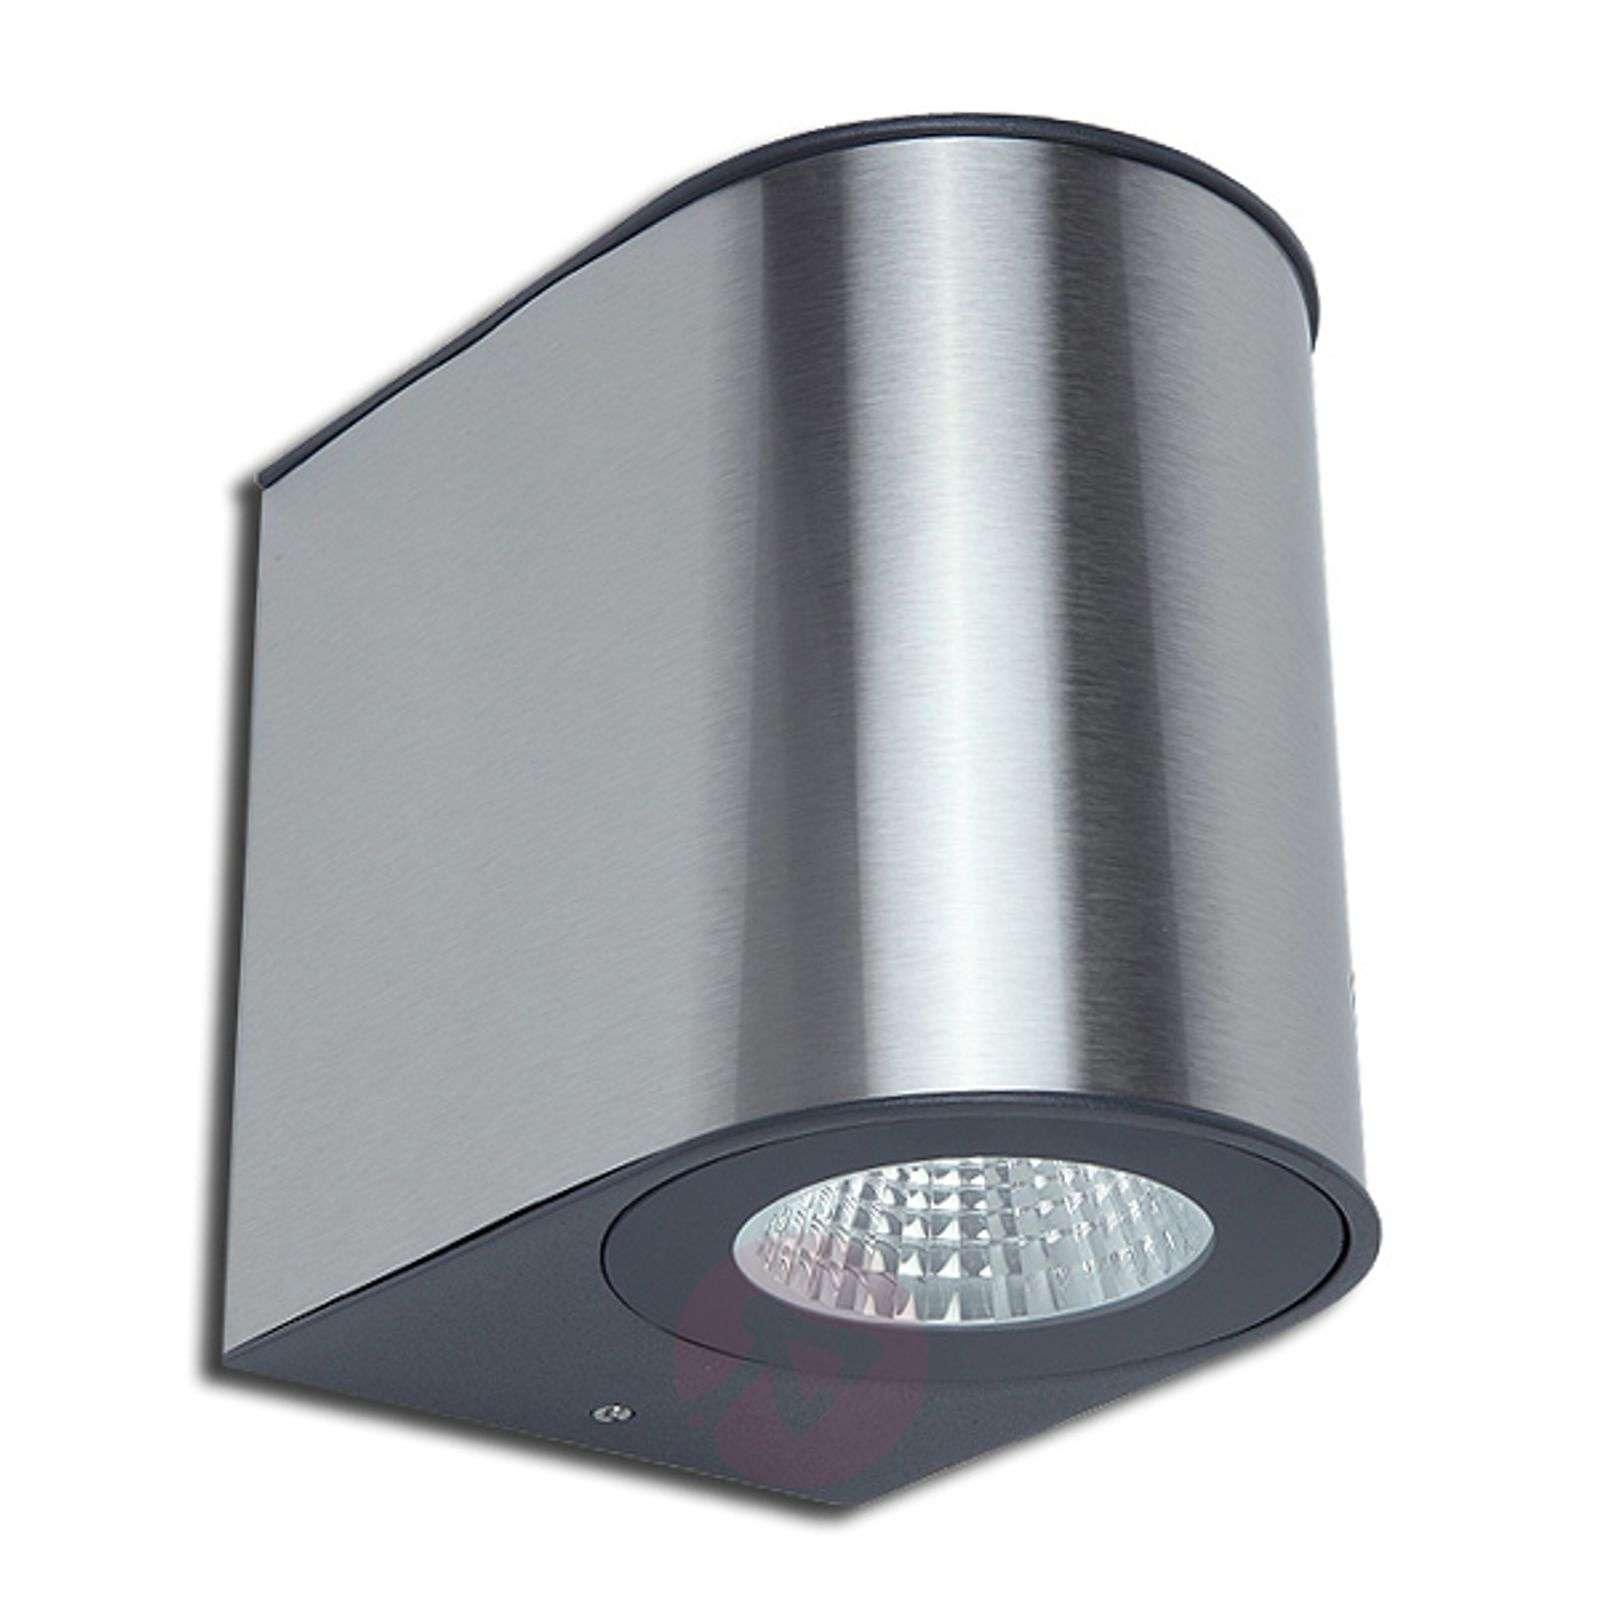 Tyylikäs Gemini-LED-ulkoseinävalaisin IP54-3006209-01